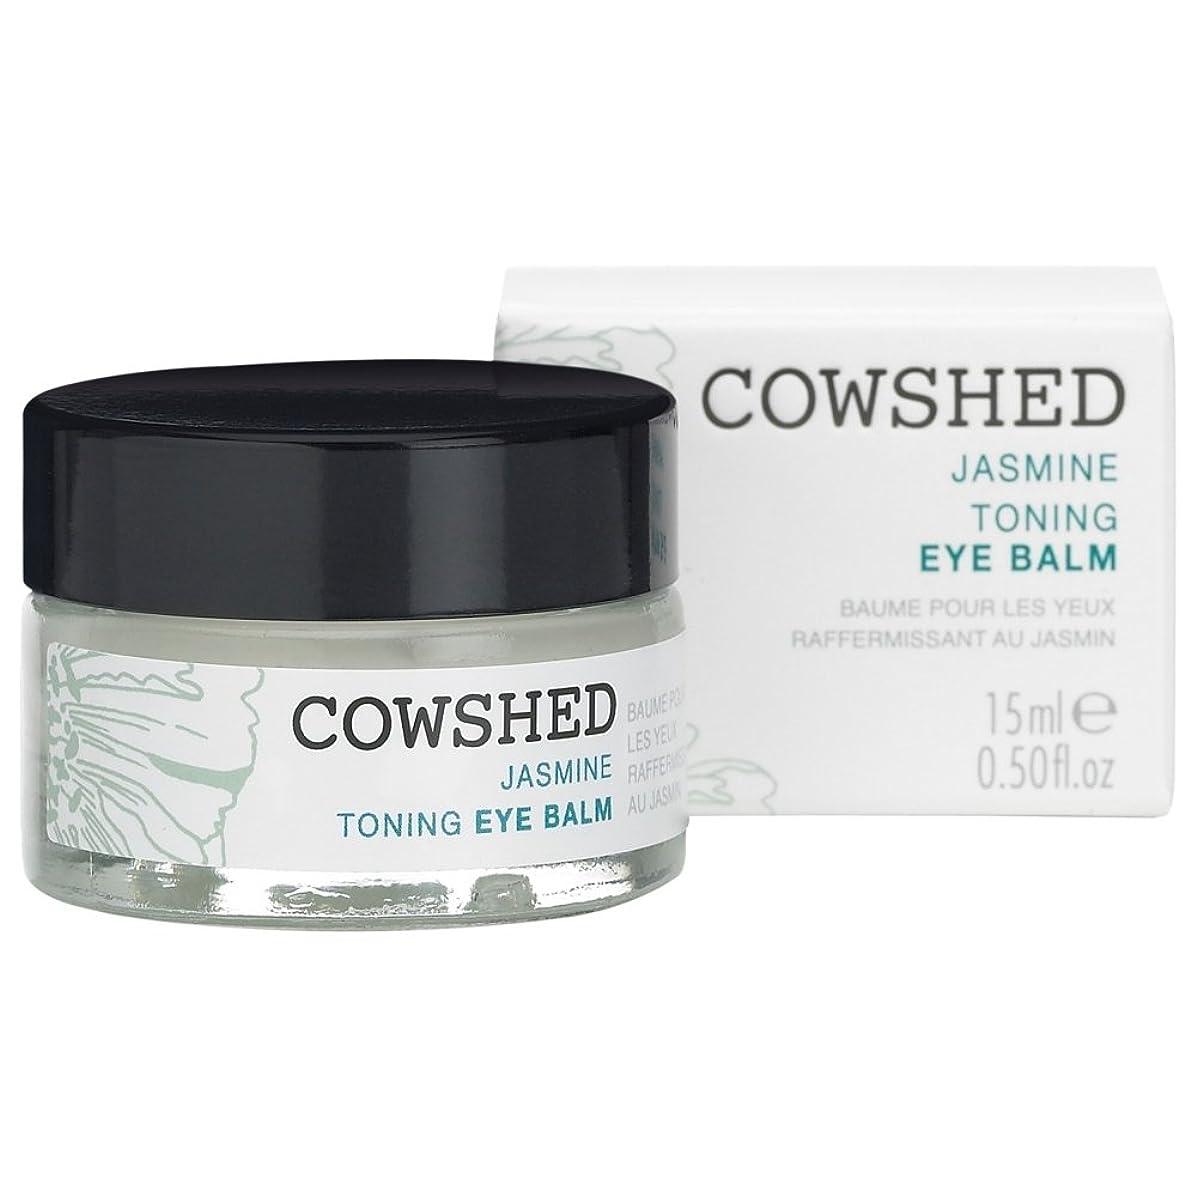 ロイヤリティペースペインティング牛舎ジャスミン調色アイクリーム15ミリリットル (Cowshed) (x6) - Cowshed Jasmine Toning Eye Balm 15ml (Pack of 6) [並行輸入品]